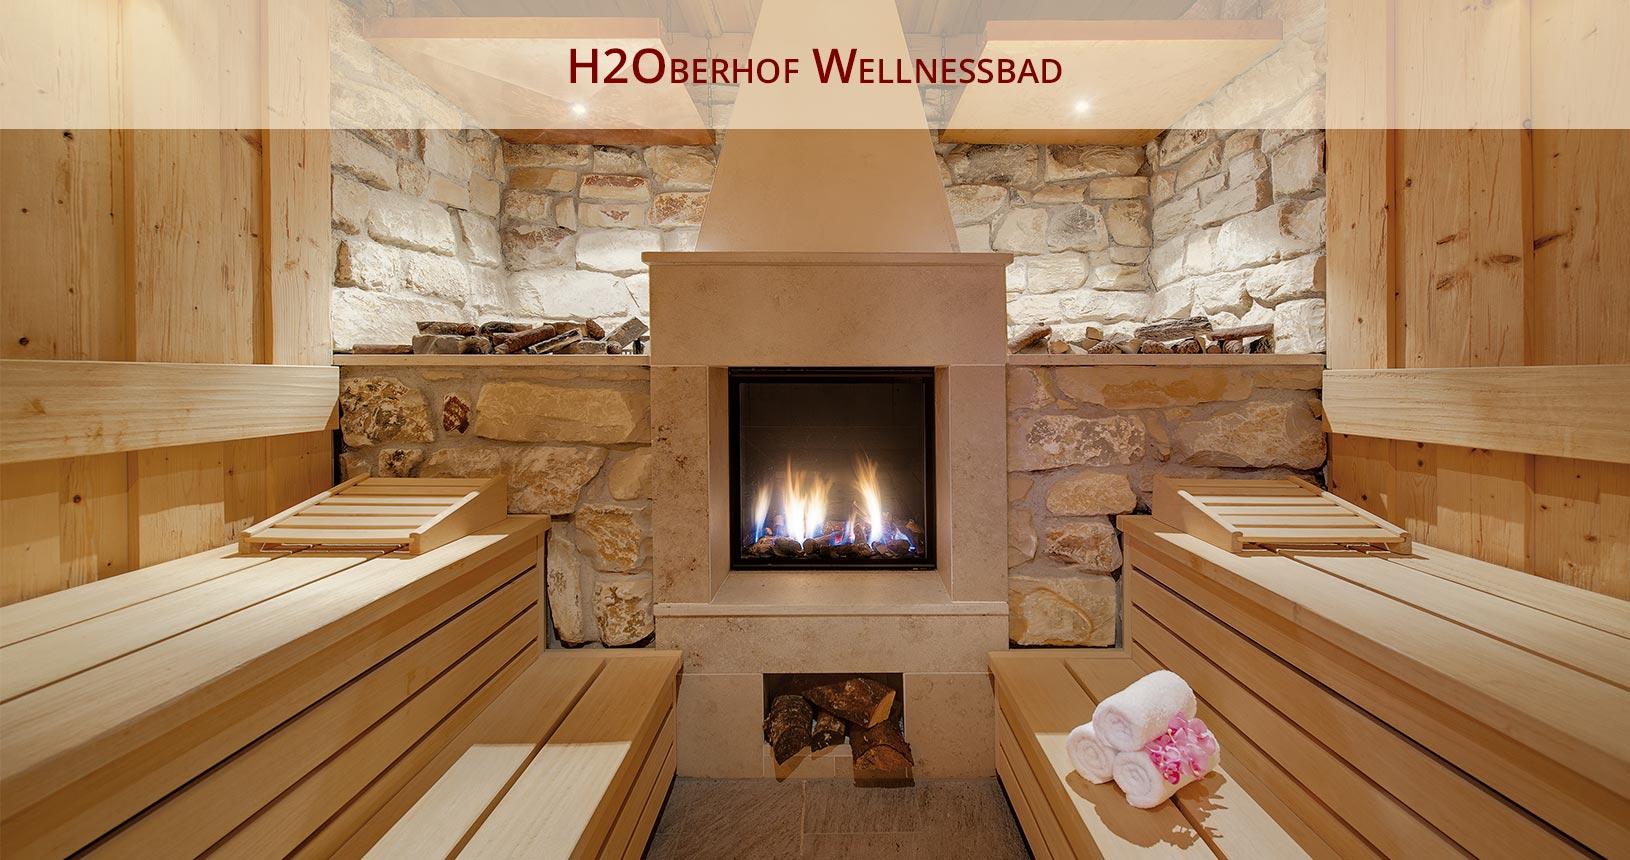 H2Oberhof Wellnessbad in Oberhof, Kaminsauna für den Urlaub für Paare